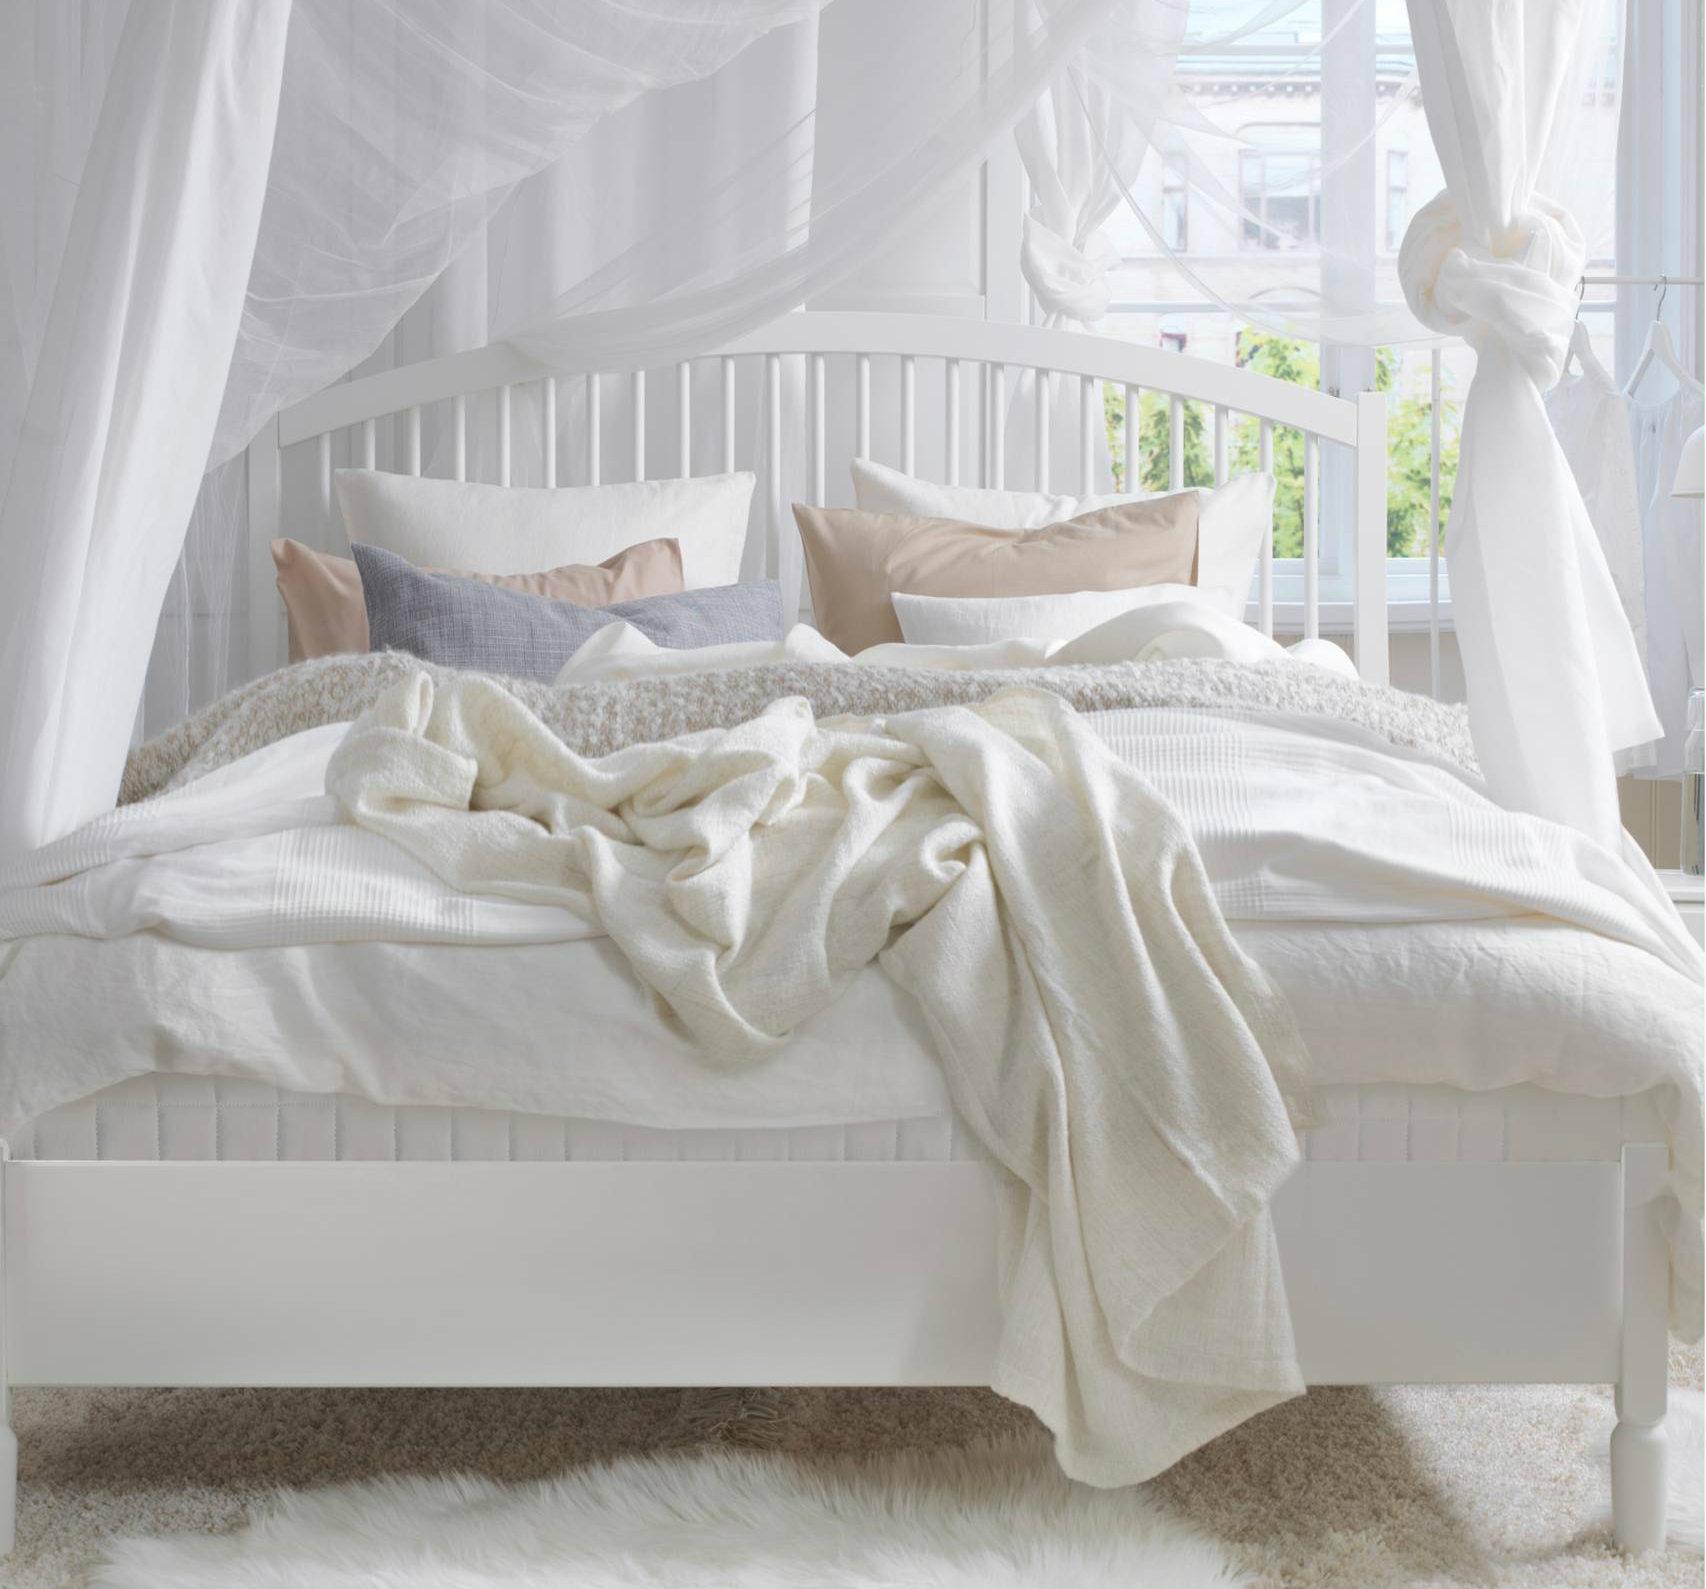 Camas - Ikea textil cama ...